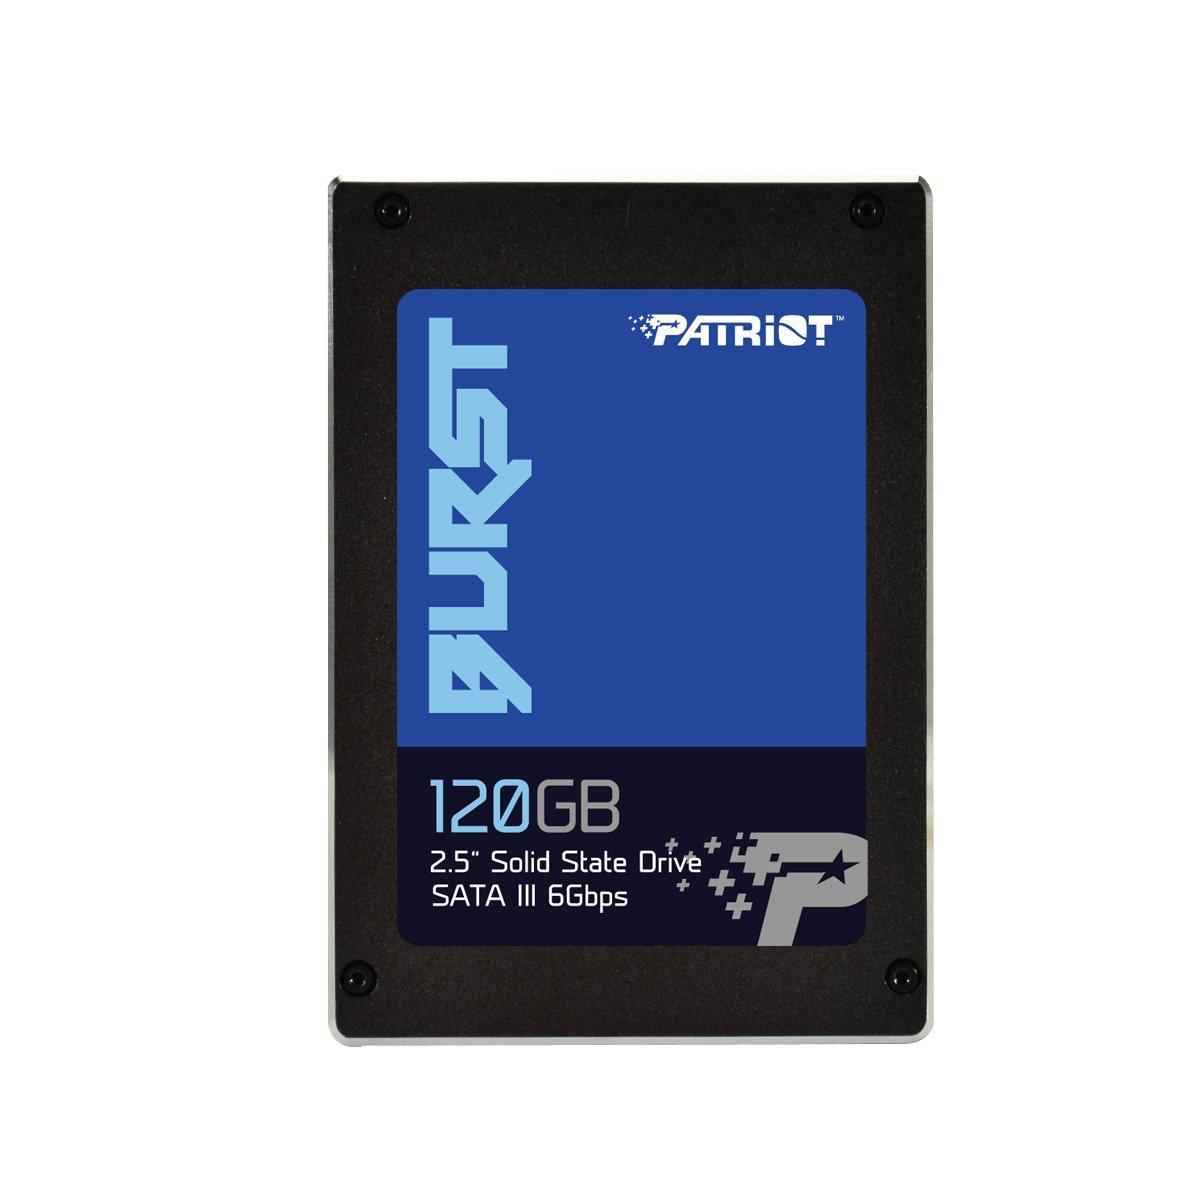 Patriot Burst SSD 120GB - £17.96 Prime / £22.45 Non-Prime @ Amazon